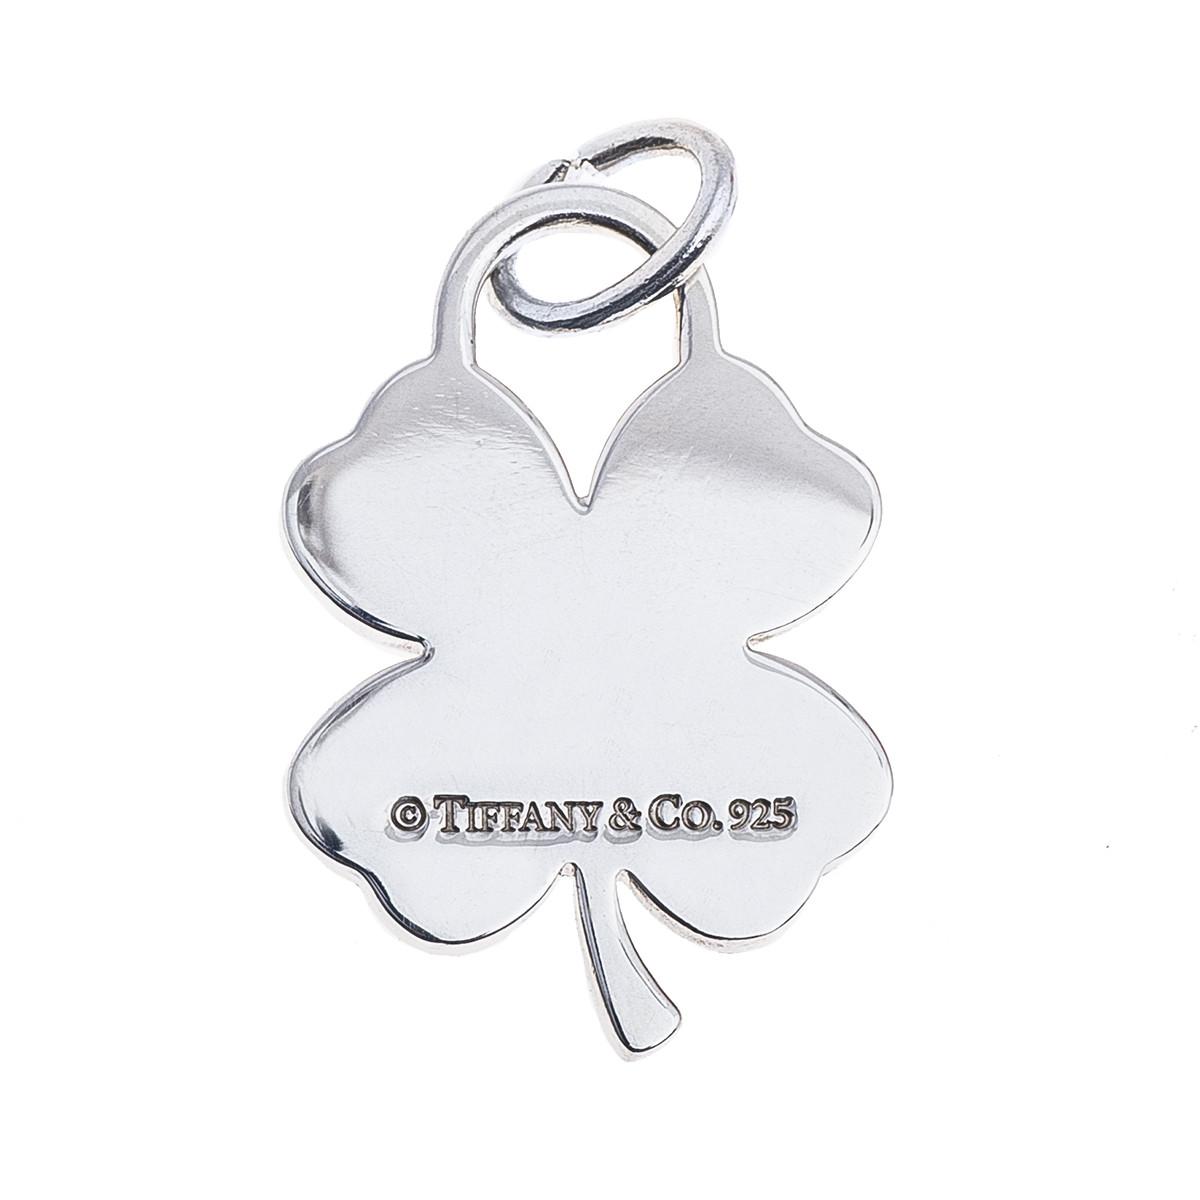 ca89354bb15c5 Vintage Tiffany & Co. Four Leaf Clover Charm